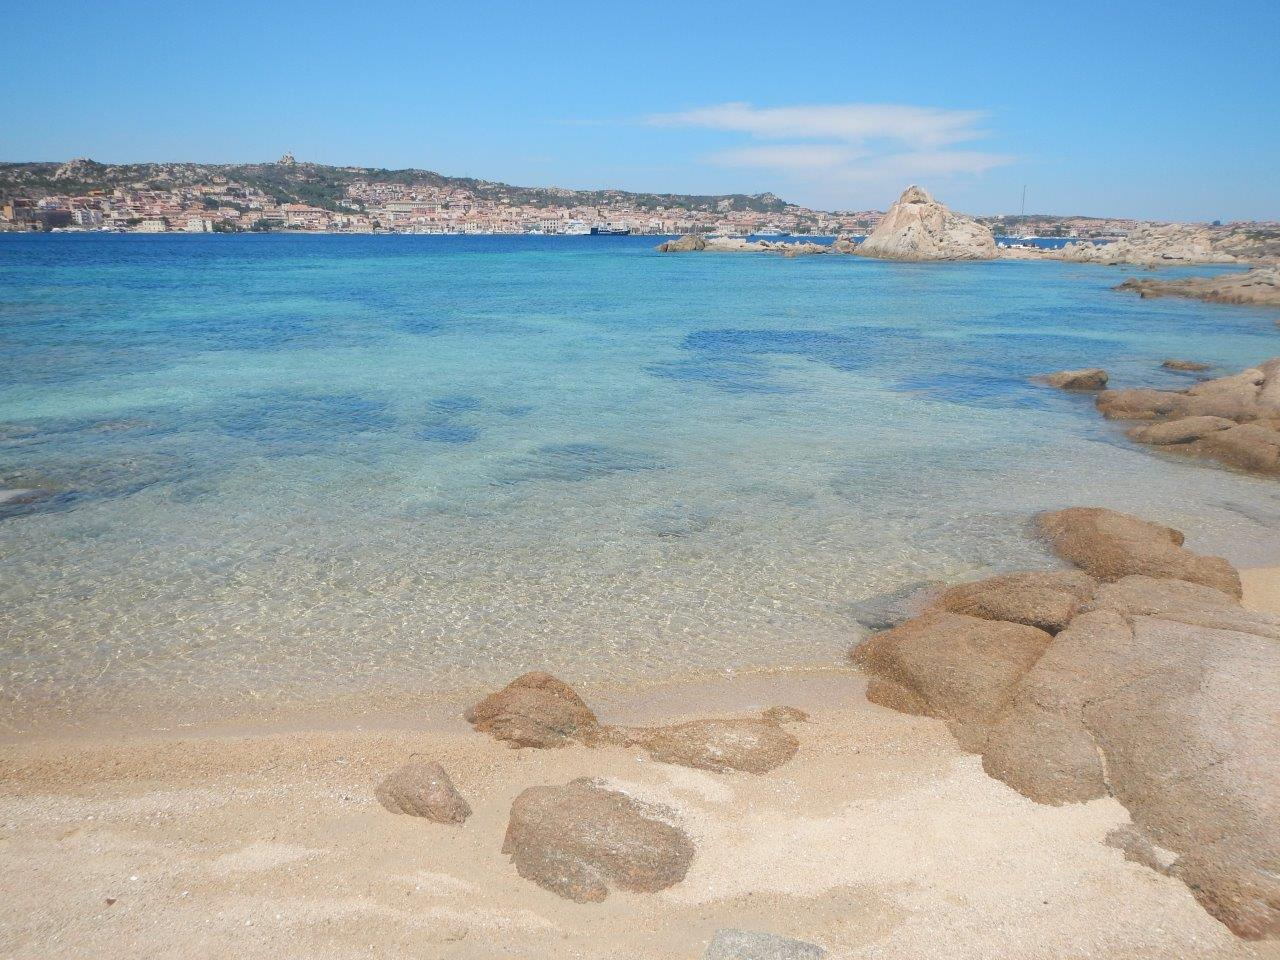 Strand Sommer Sonne Urlaub auf einer Segelyacht im Maddalena Archipel